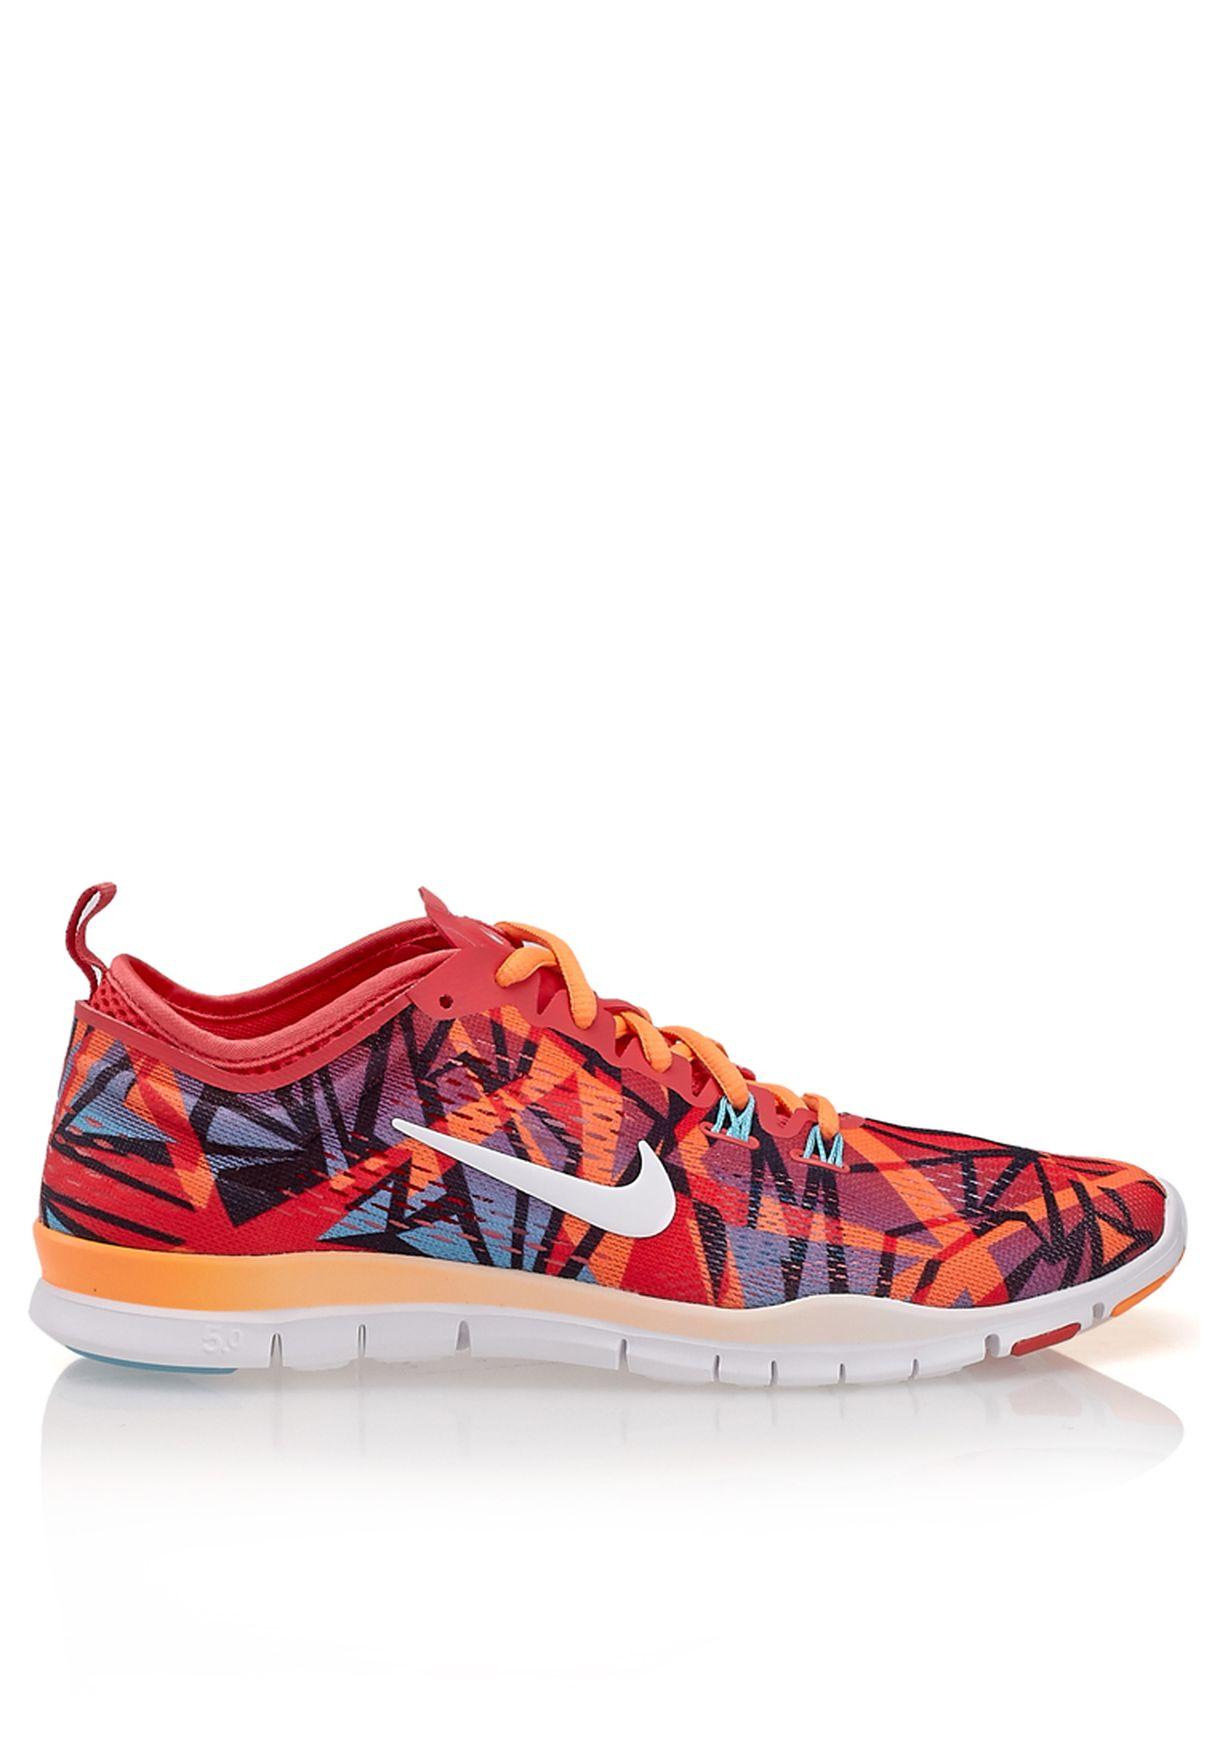 cuero Permuta Mimar  Buy Nike orange Free 5.0 TR Fit 4 PRT for Women in MENA, Worldwide |  629832-600